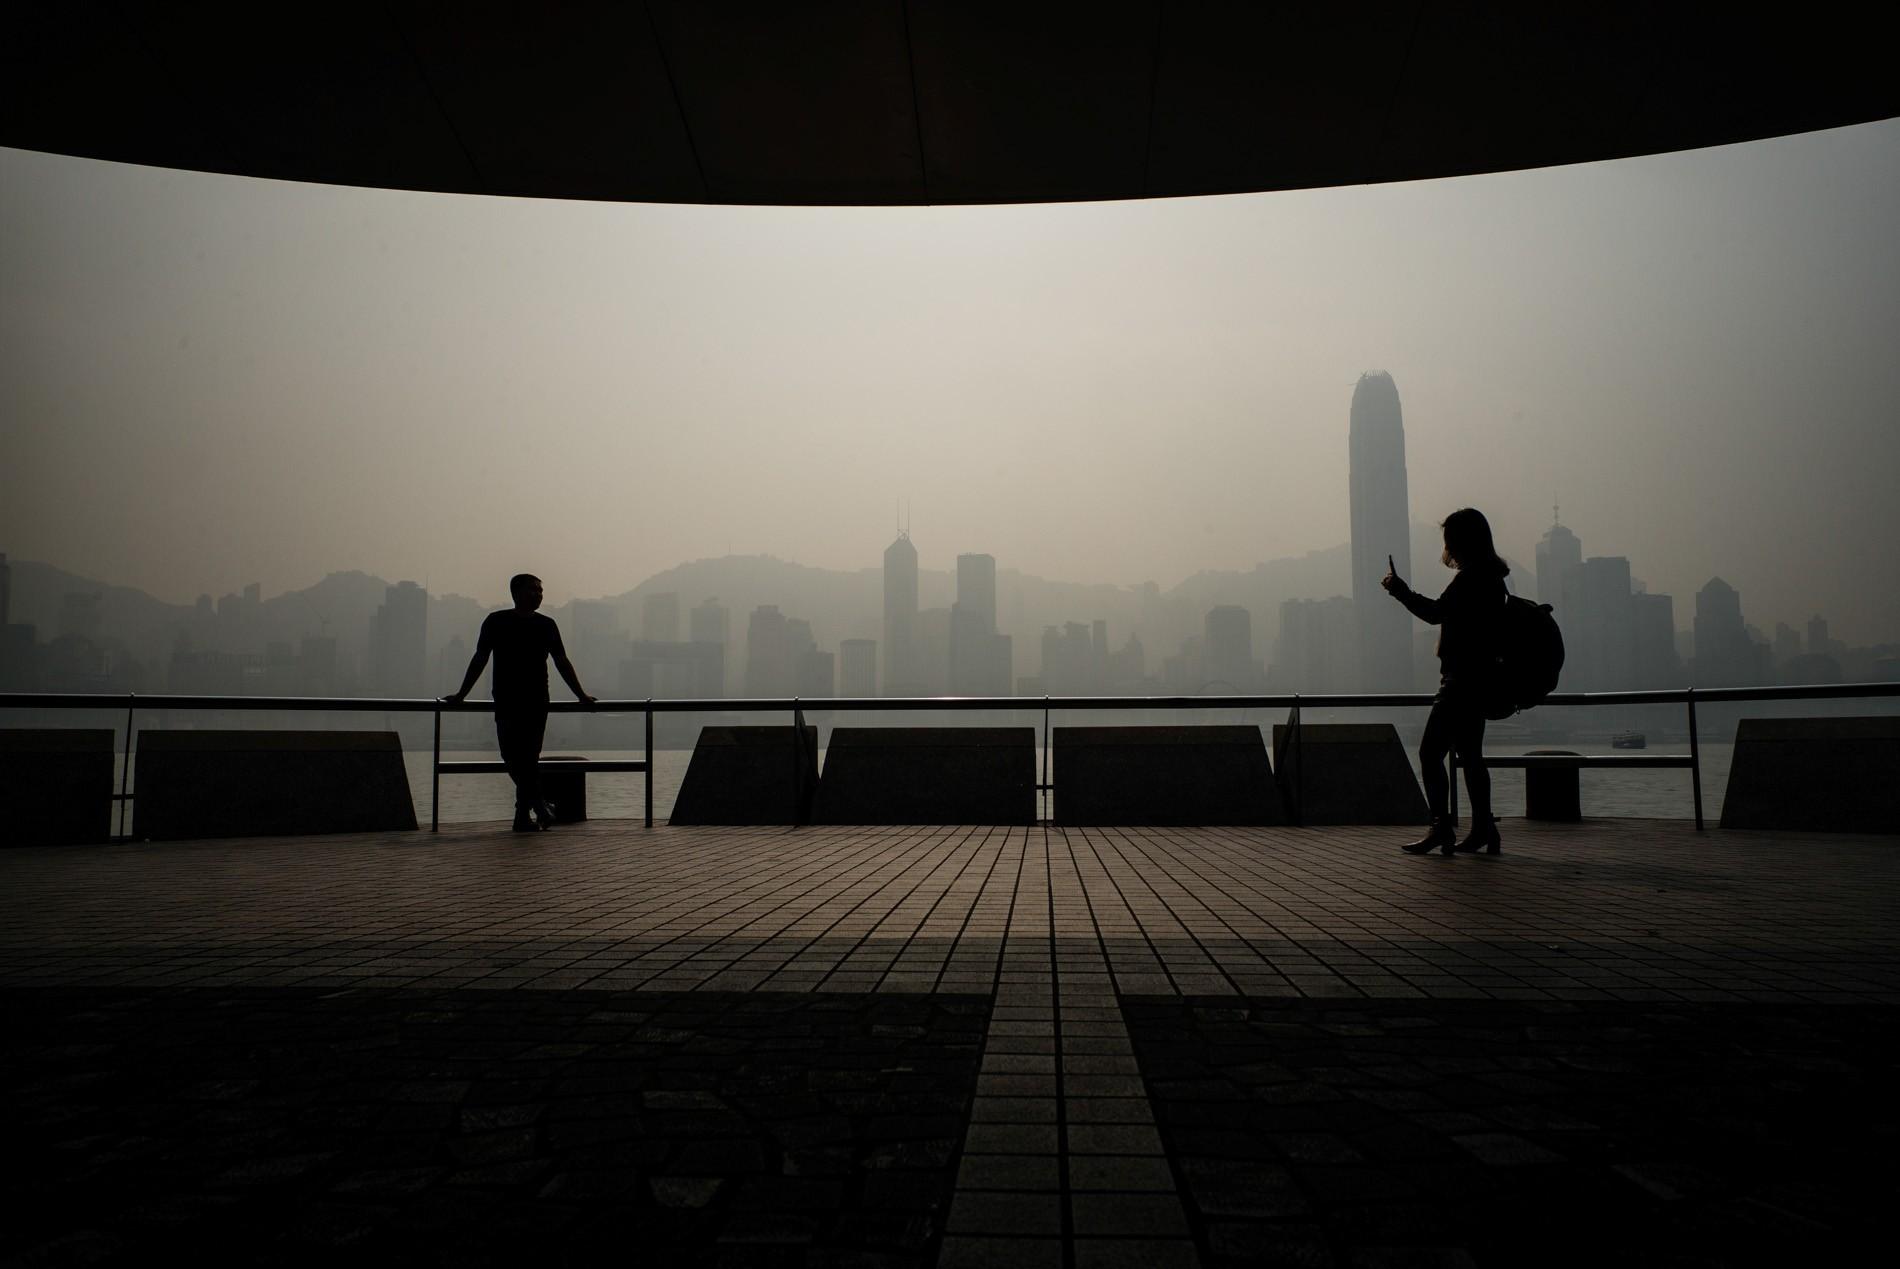 Entenda como a poluição do ar afeta seus pulmões e o que você pode fazer para evitar problemas - Notícias - Plantão Diário